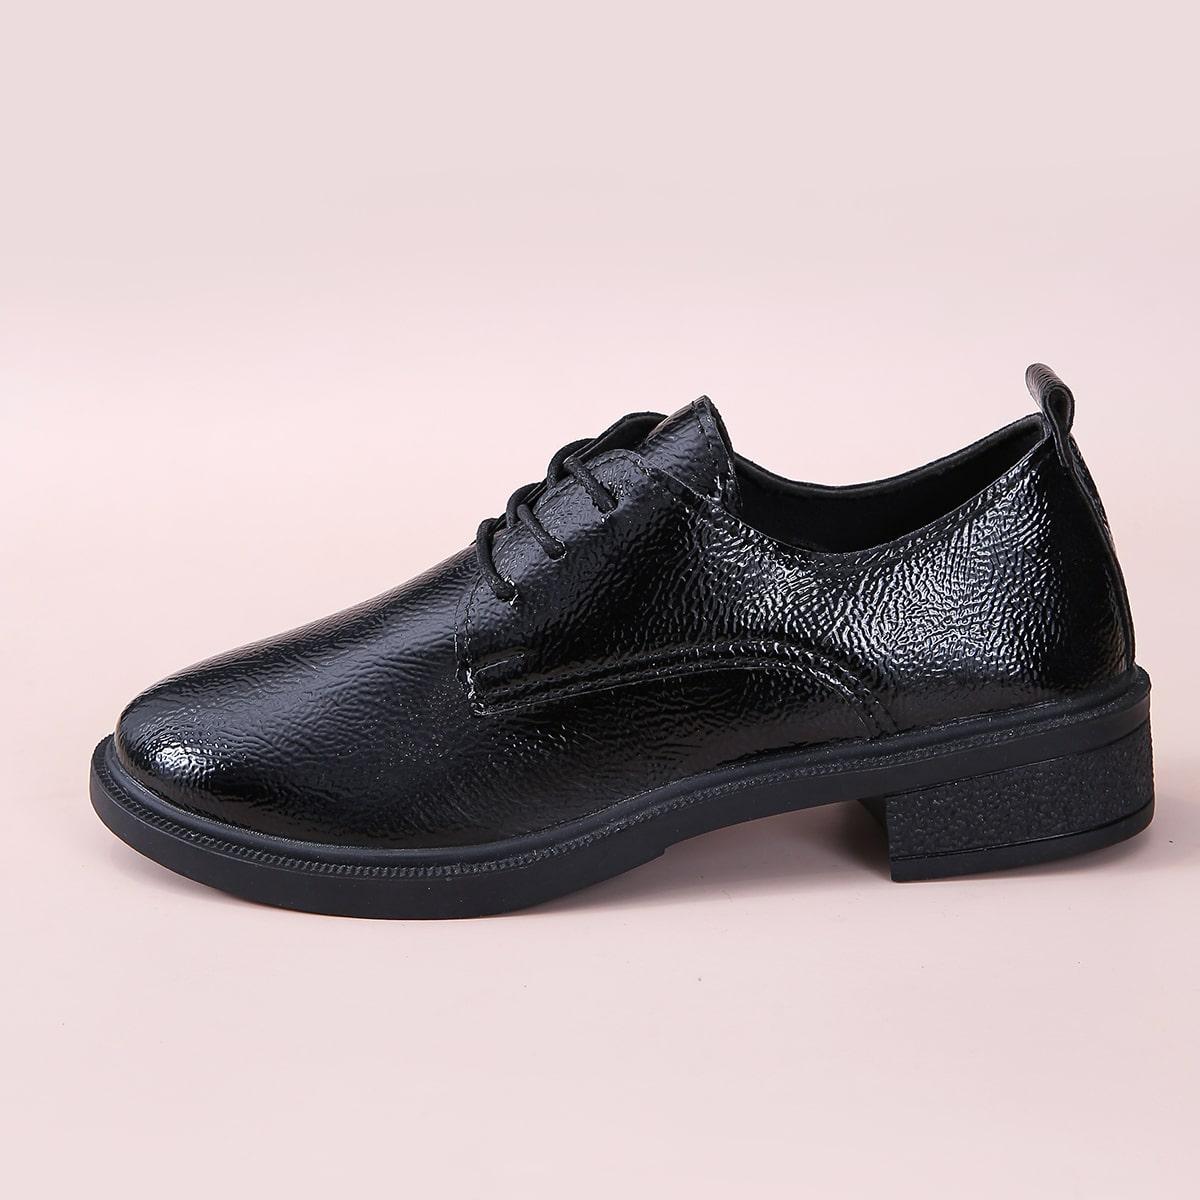 SHEIN / Minimalistische Derby Schuhe mit Band vorn